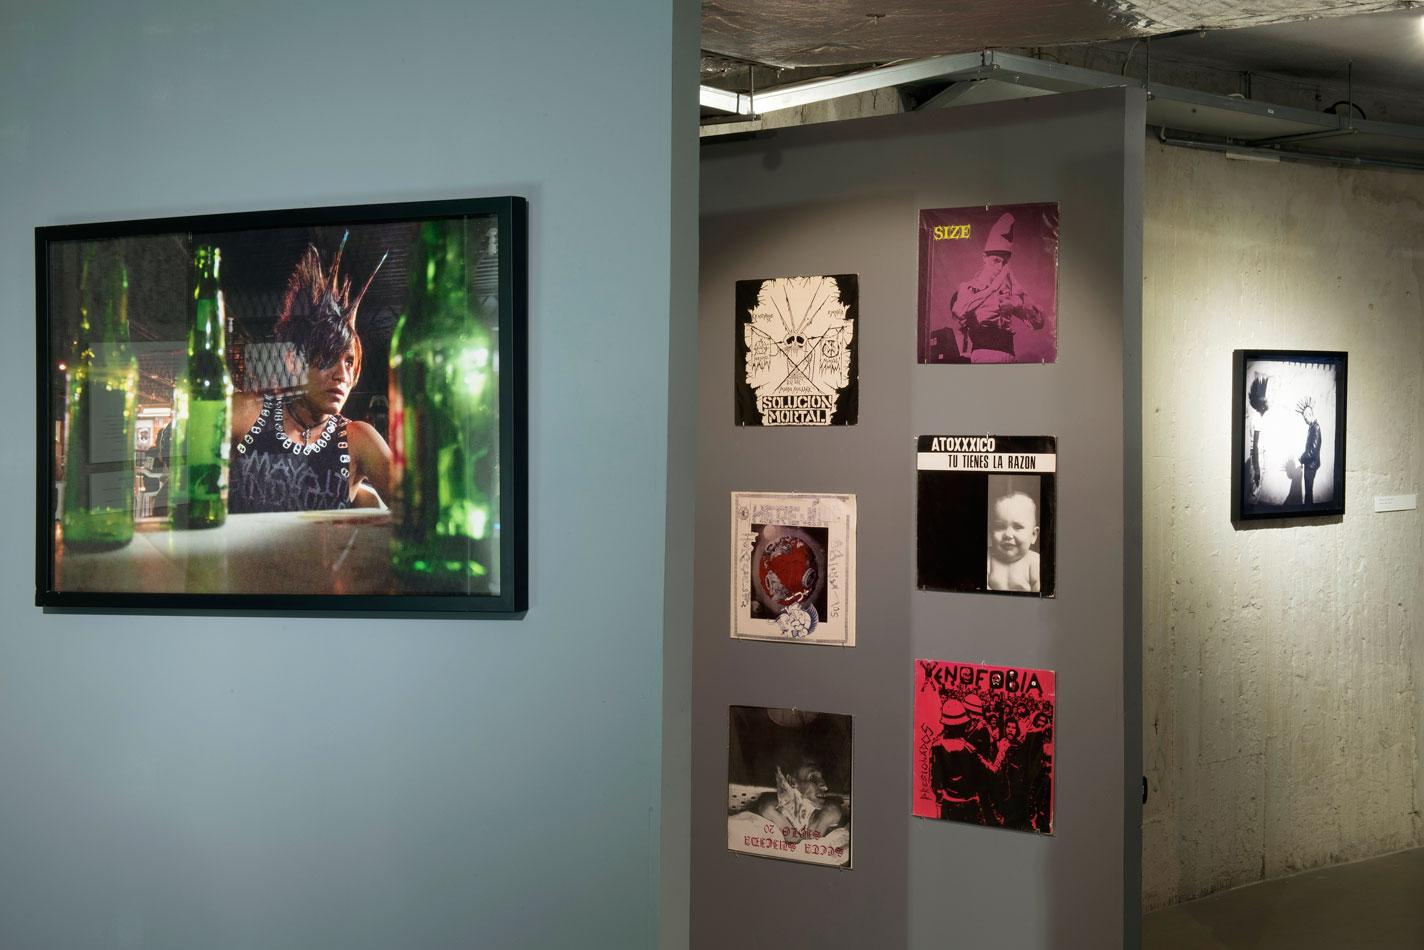 Od lewej: Federico Gama, Paraíso Tropical, 1997 (2015); Wybór płyt winylowych zkolekcji Dr. Lakry iLaureany Toledo orazCryptas Records; wtle: Federico Gama, Beztytułu, ok. 1990 (2015). Fot.Małgorzata Kujda, © Muzeum Współczesne Wrocław, 2015